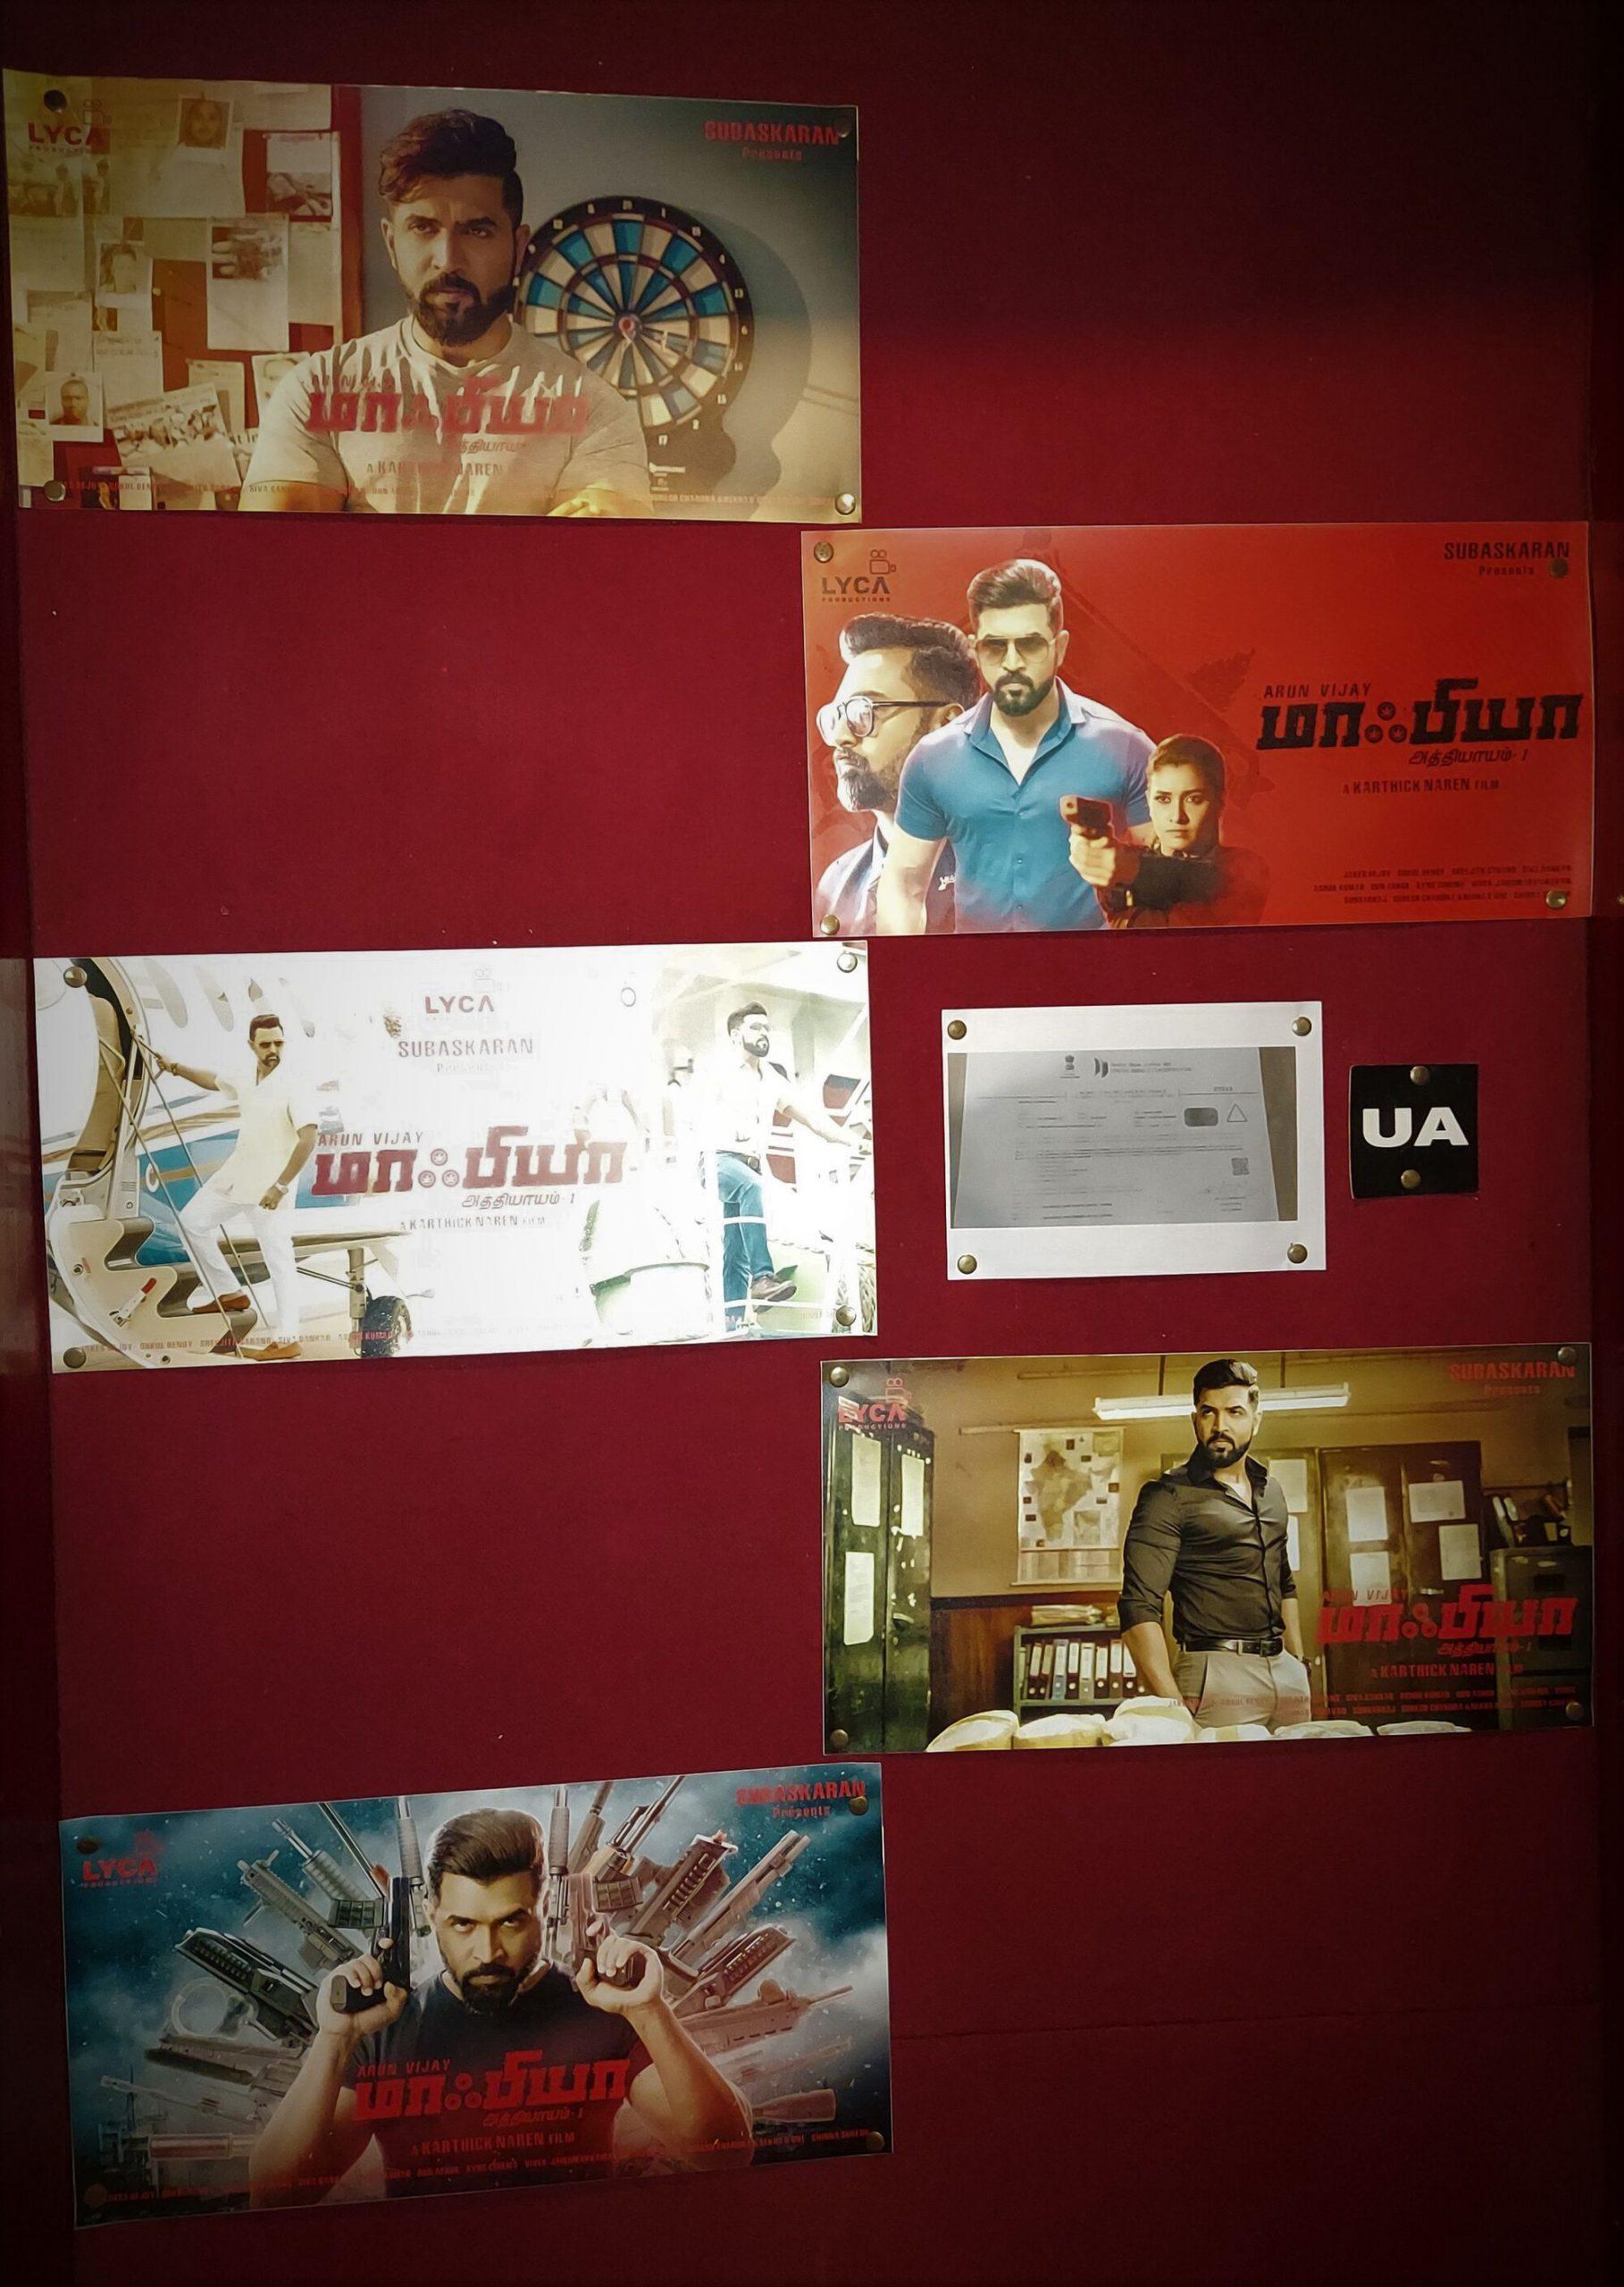 Mafia: Chapter 1 Posters in Devi Theatre